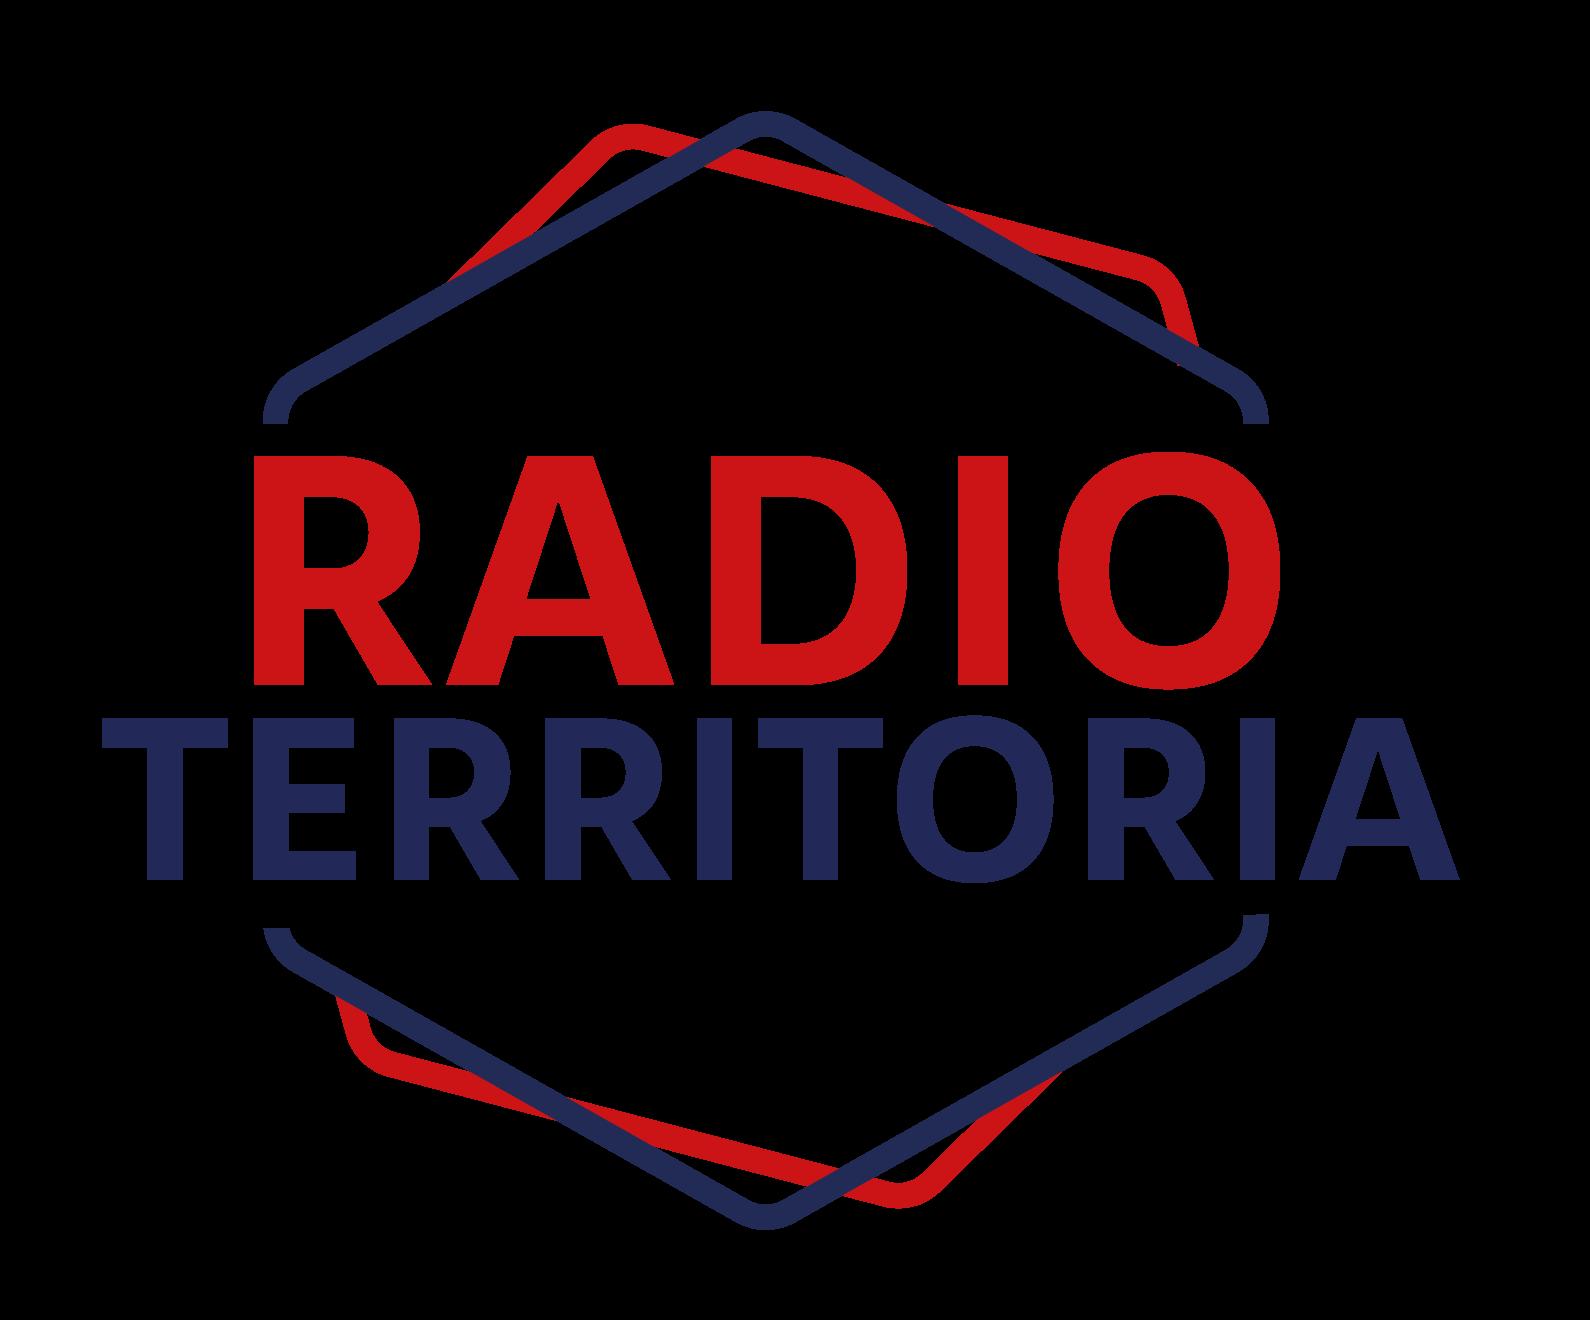 logo : Radio Territoria